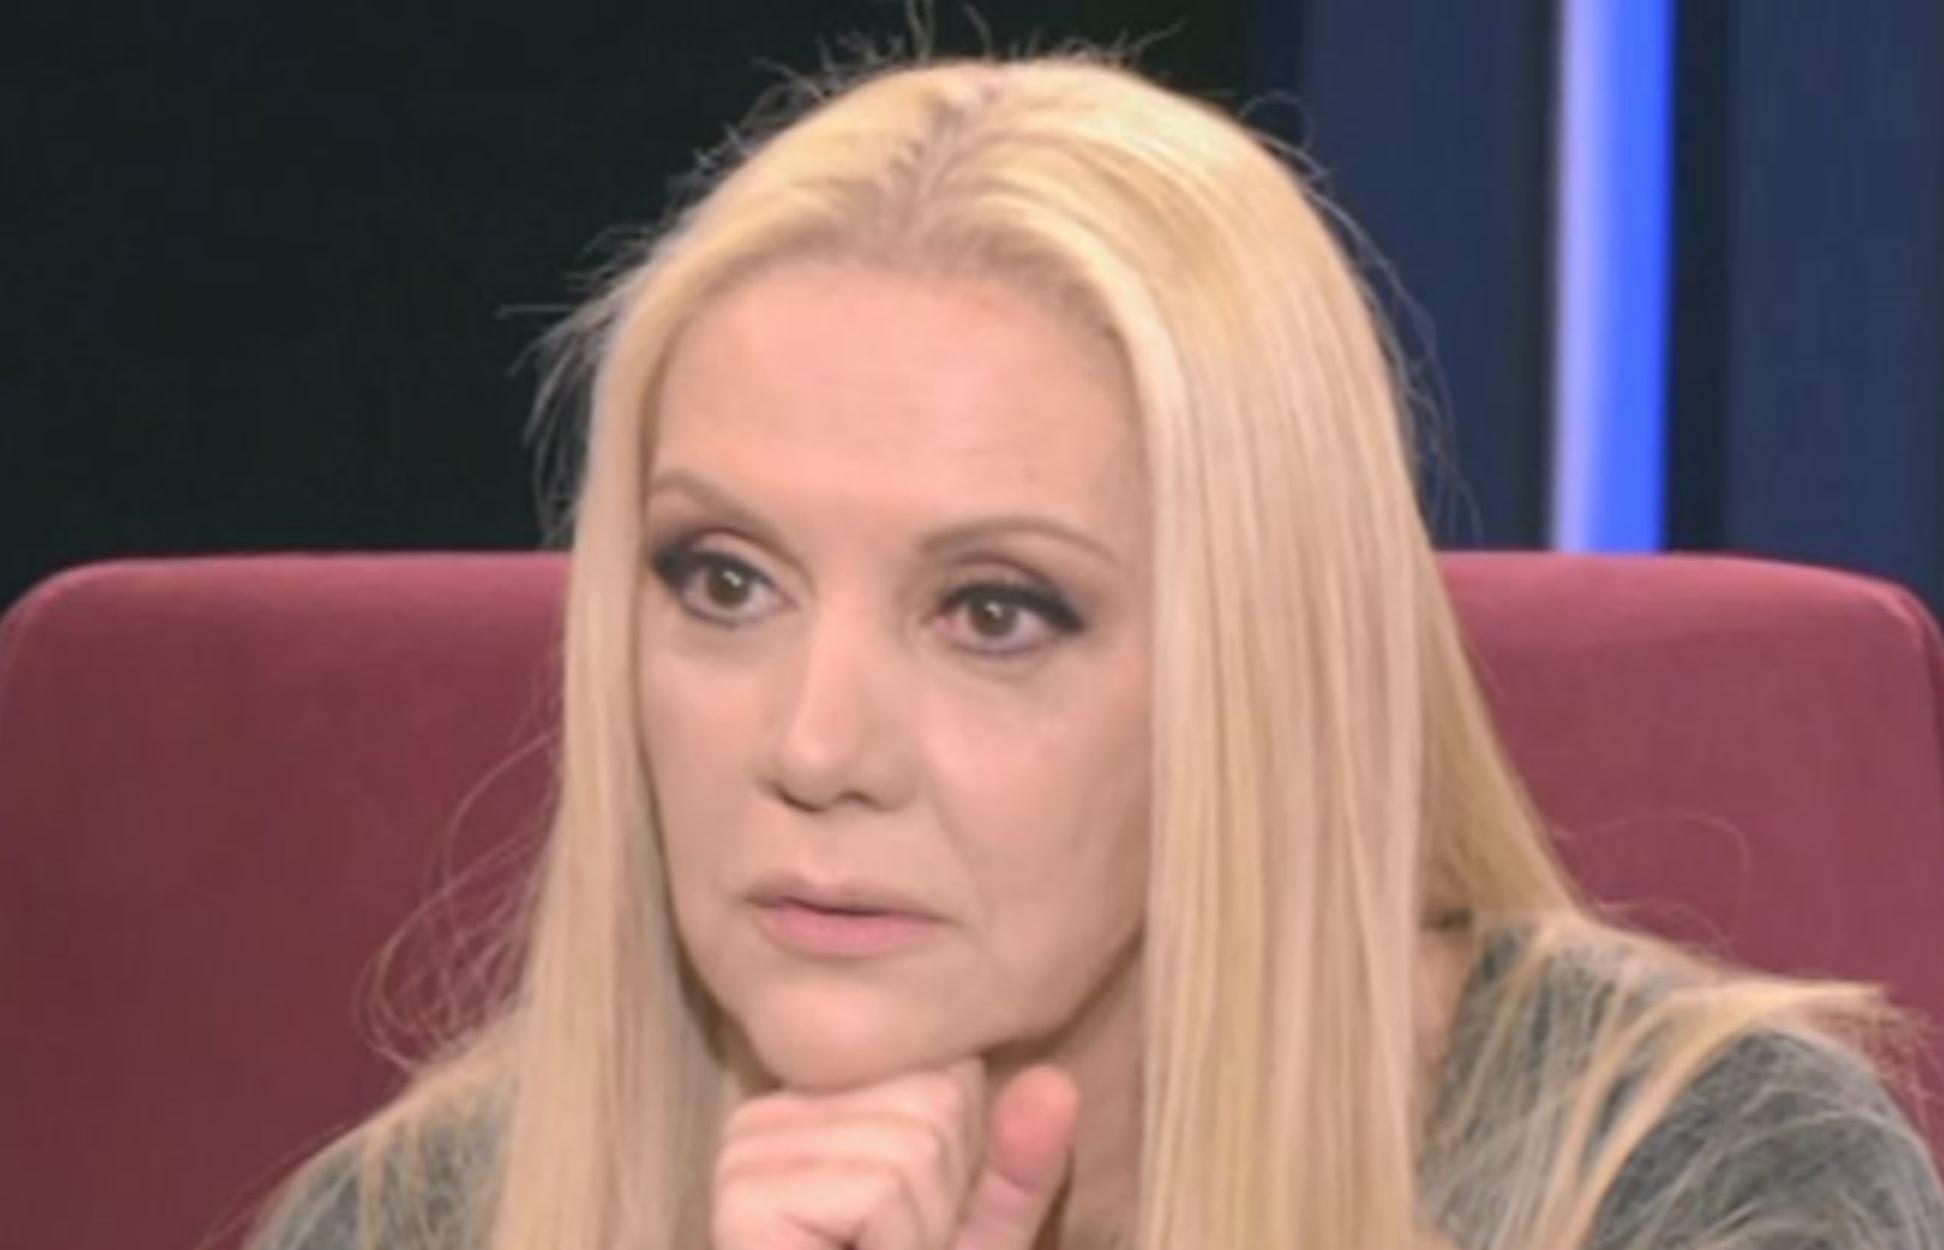 Έλντα Πανοπούλου για Χαϊκάλη: Αν ήταν δάσκαλος στην σχολή μου θα είχα χειροδικήσει